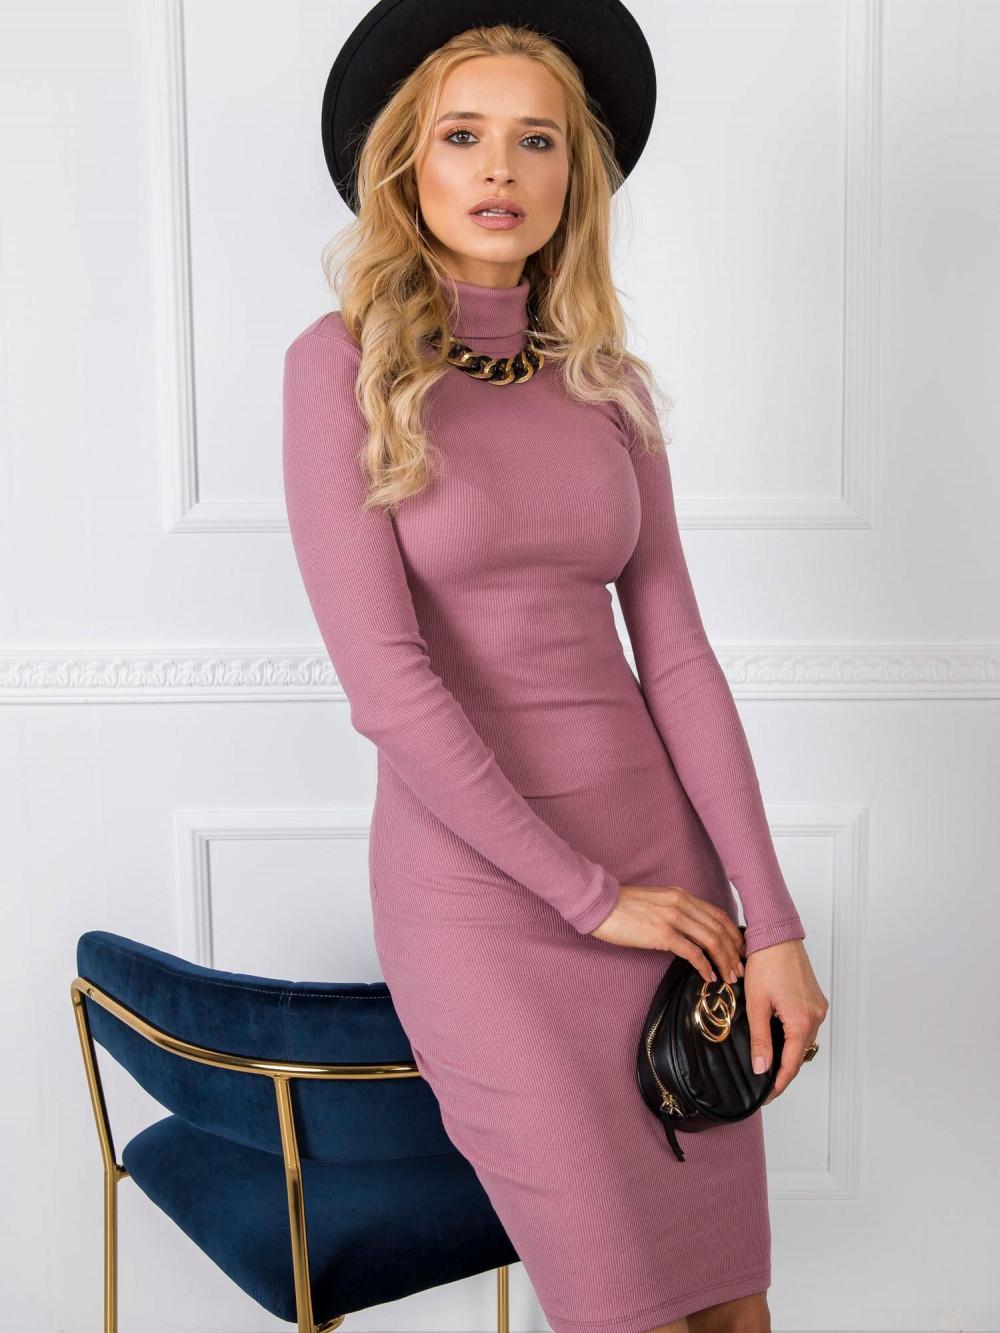 Brudnoróżowa dopasowana sukienka z golfem Amboise 3